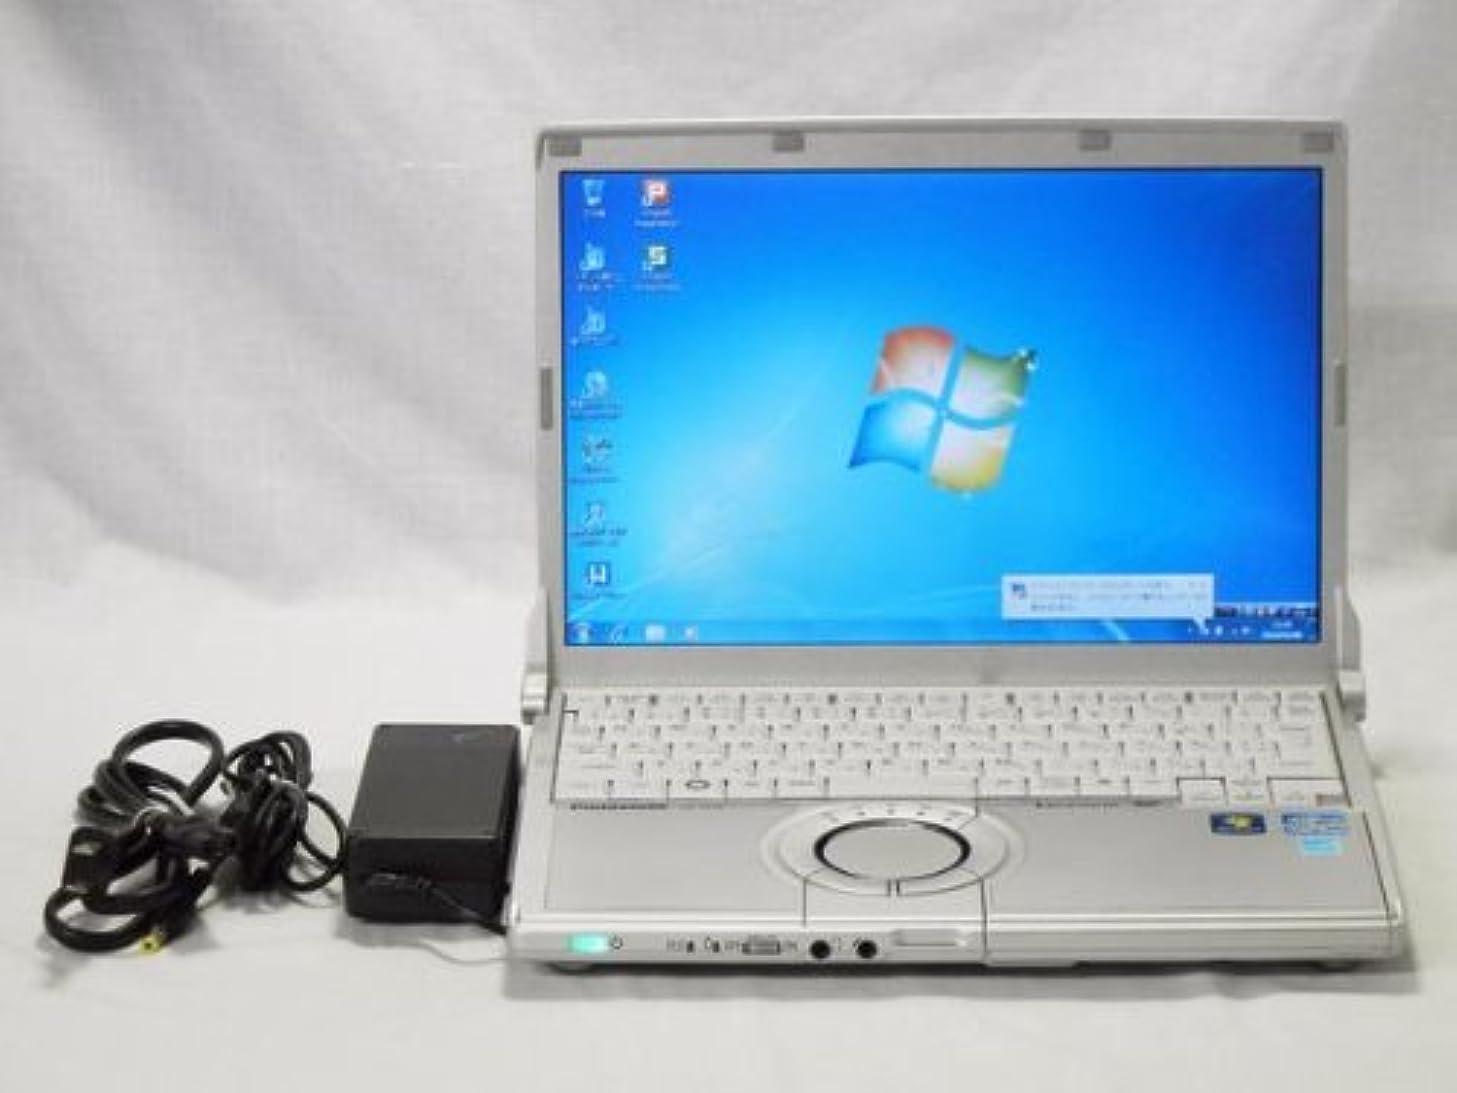 カウンターパート廃止バーマド【中古】Panasonic Let's note N10 (CF-N10AWHDS) i5 2520M(2.5GHz) メモリー4GB HDD250GB 無線 Win7 DtoD有